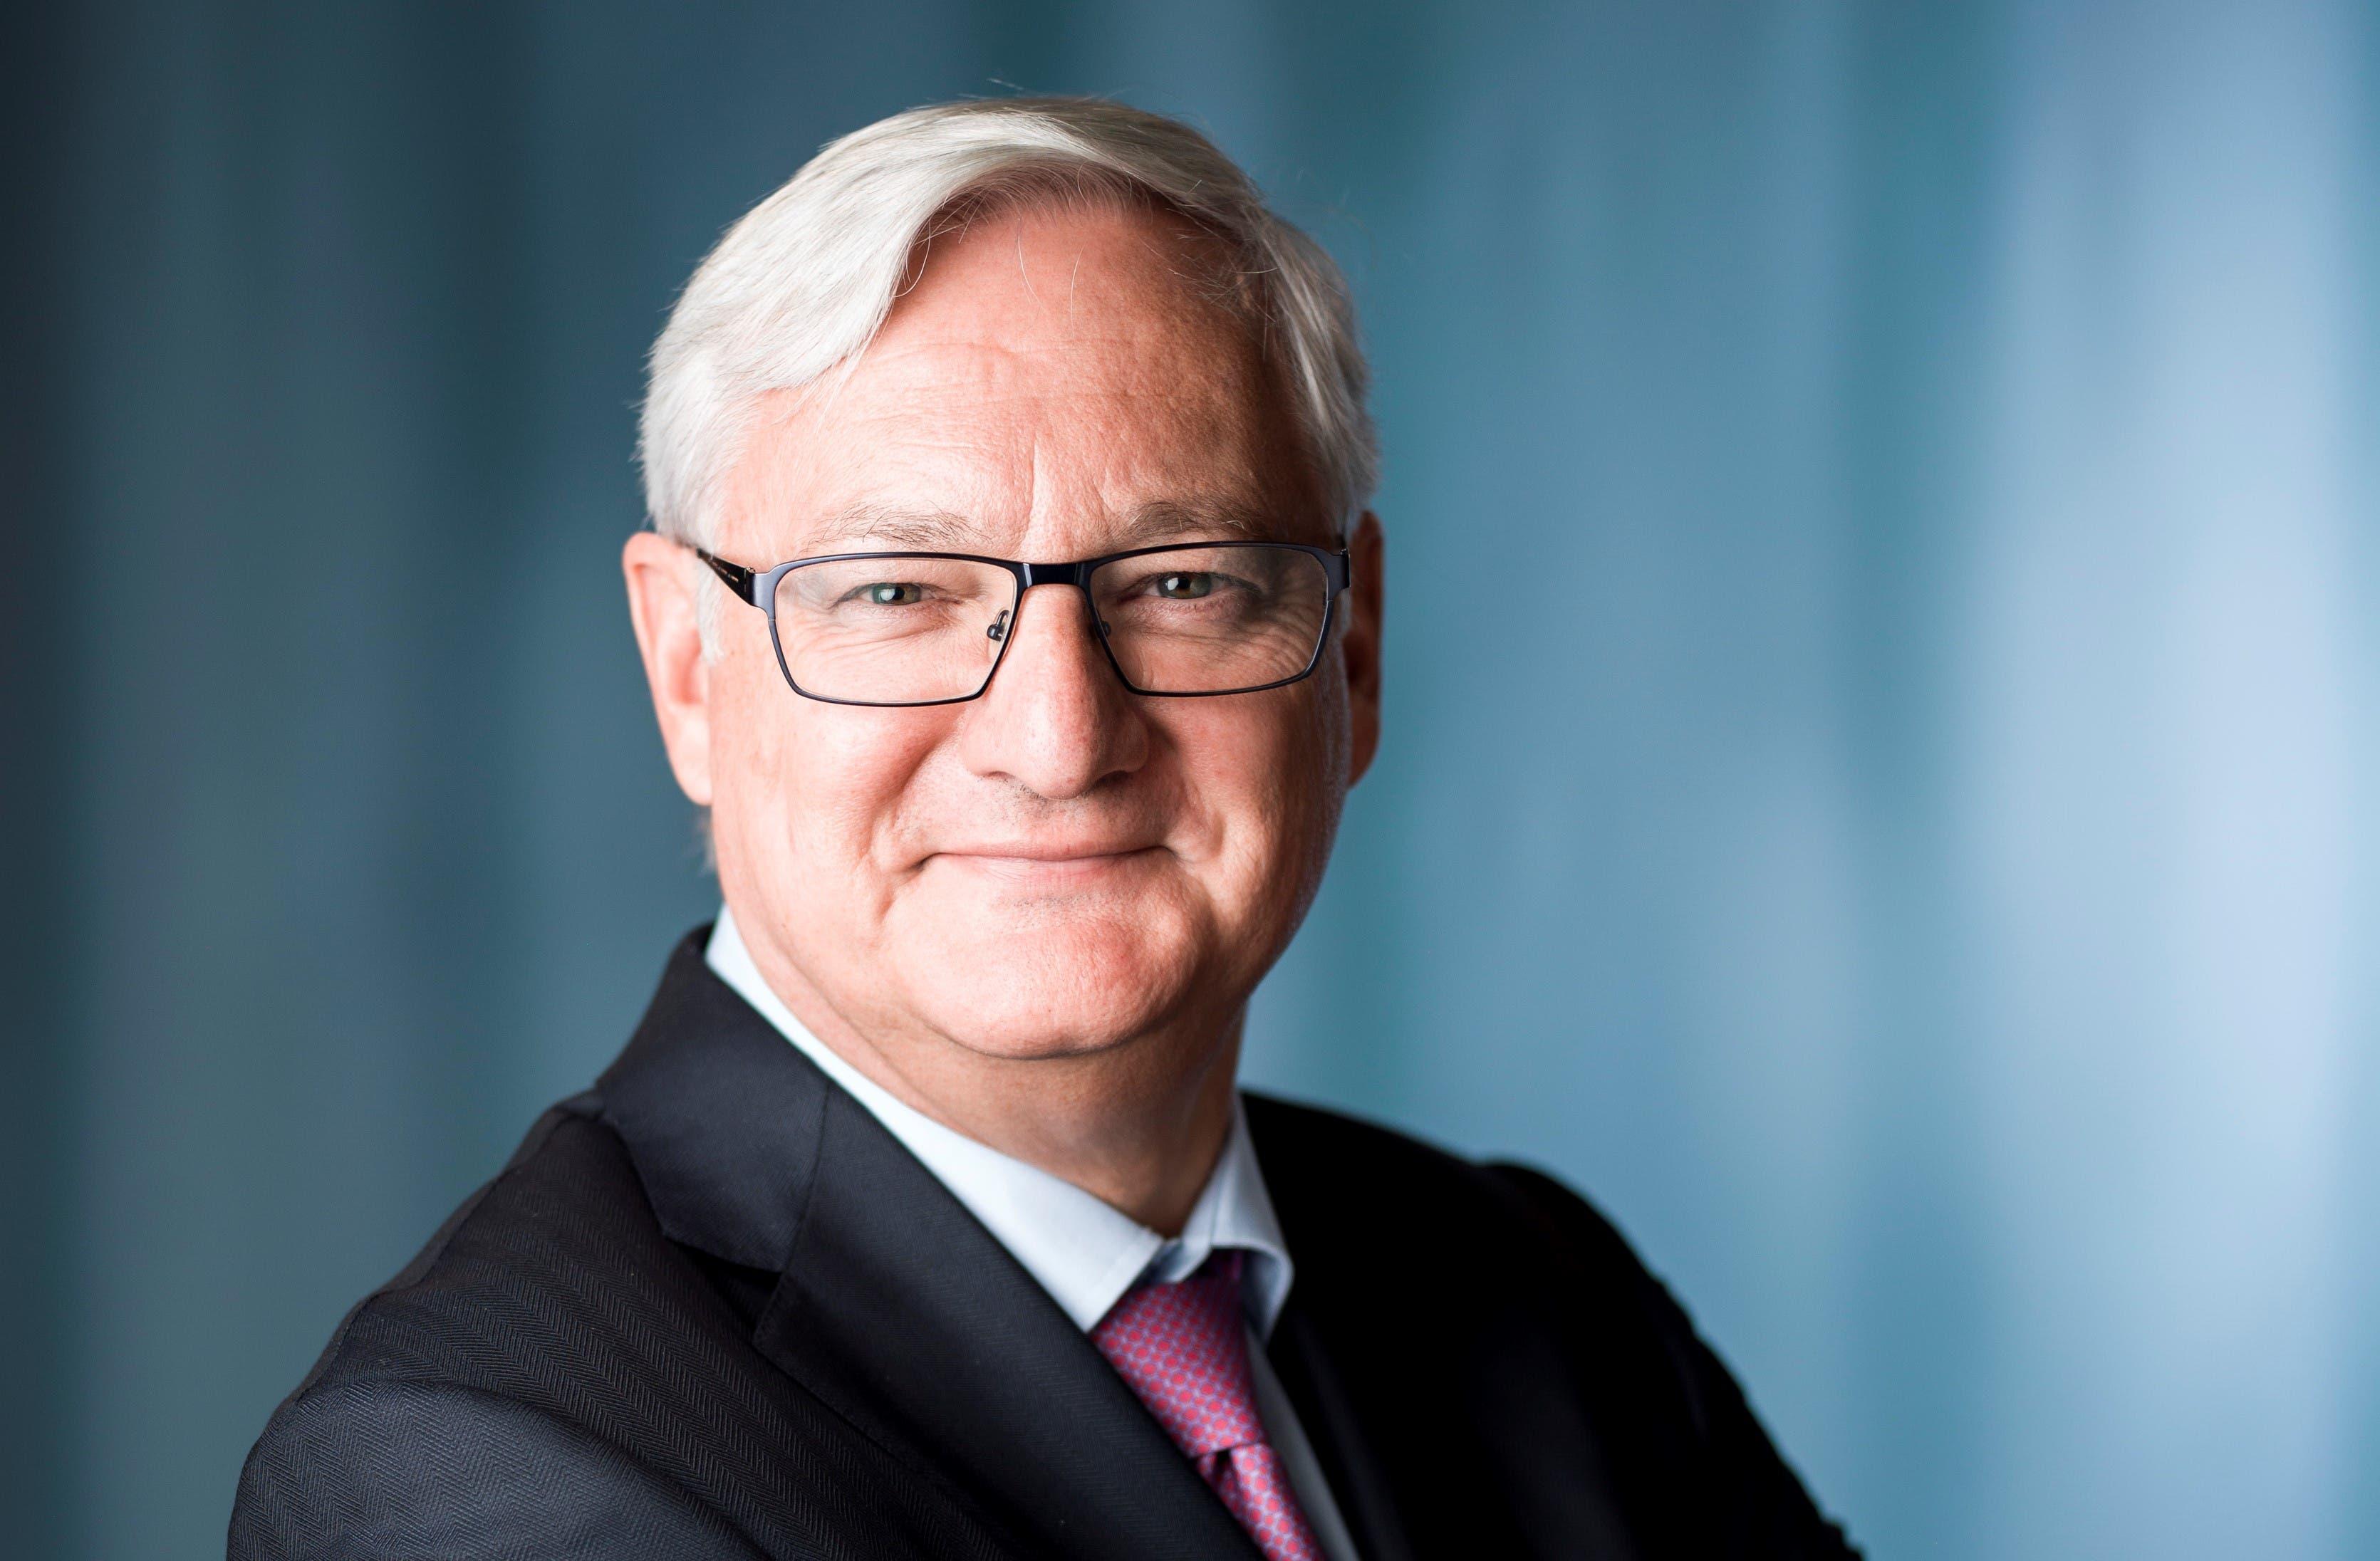 «ABB lehnt die Initiative ab. Der Zugang zum europäischen Markt und zu qualifizierten Fachkräften ist zentral.» Peter Voser, Verwaltungsratspräsident ABB.